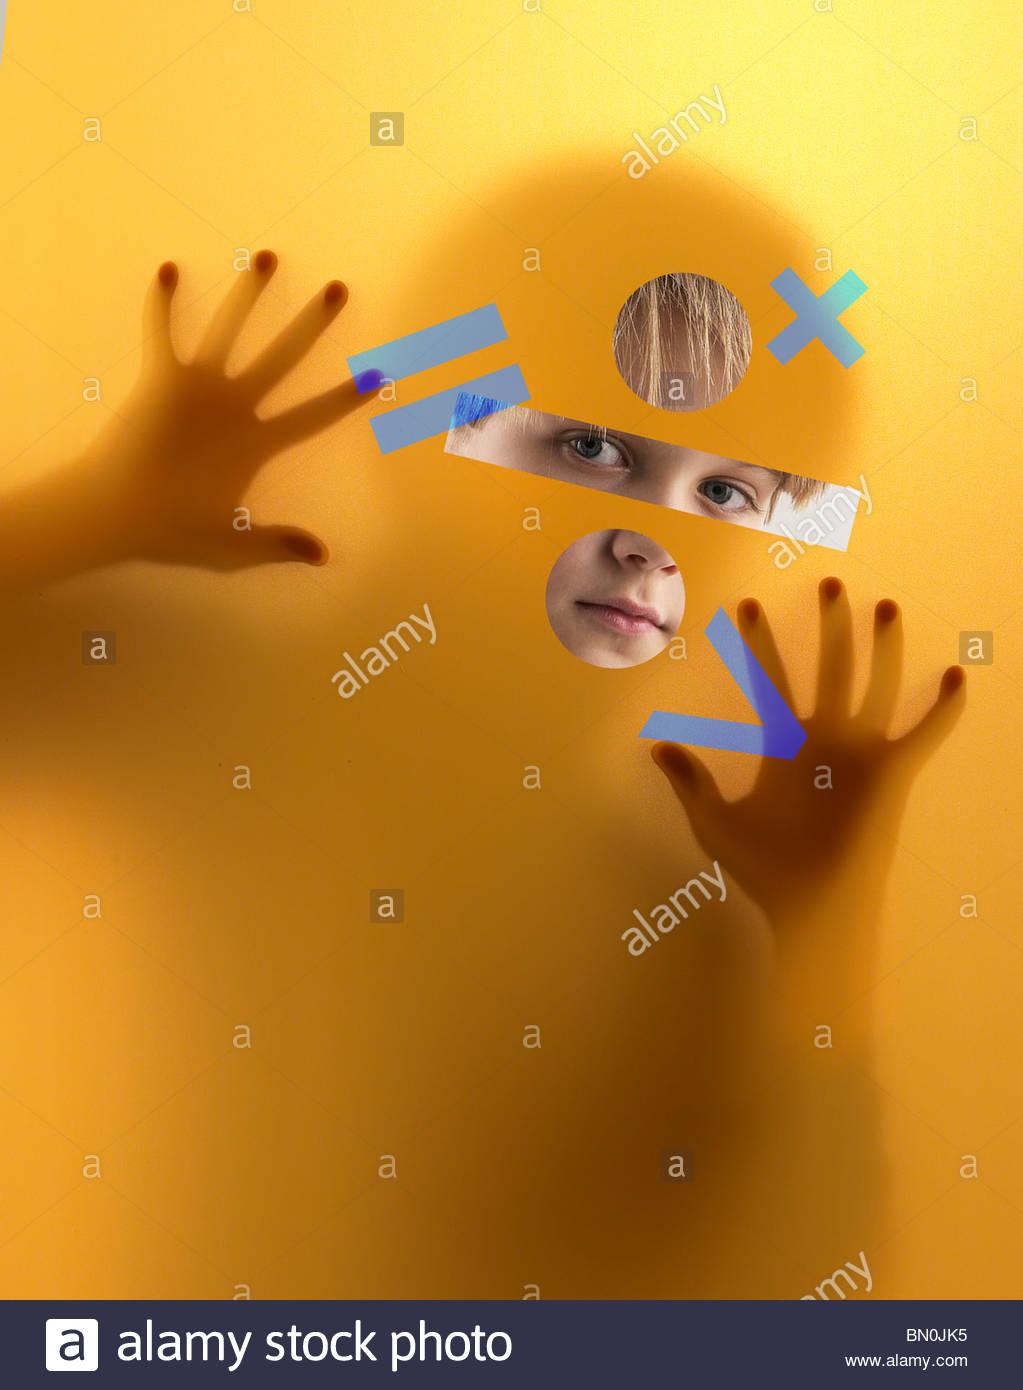 Un niño mira a través de una pantalla cubierta de símbolos matemáticos Imagen De Stock